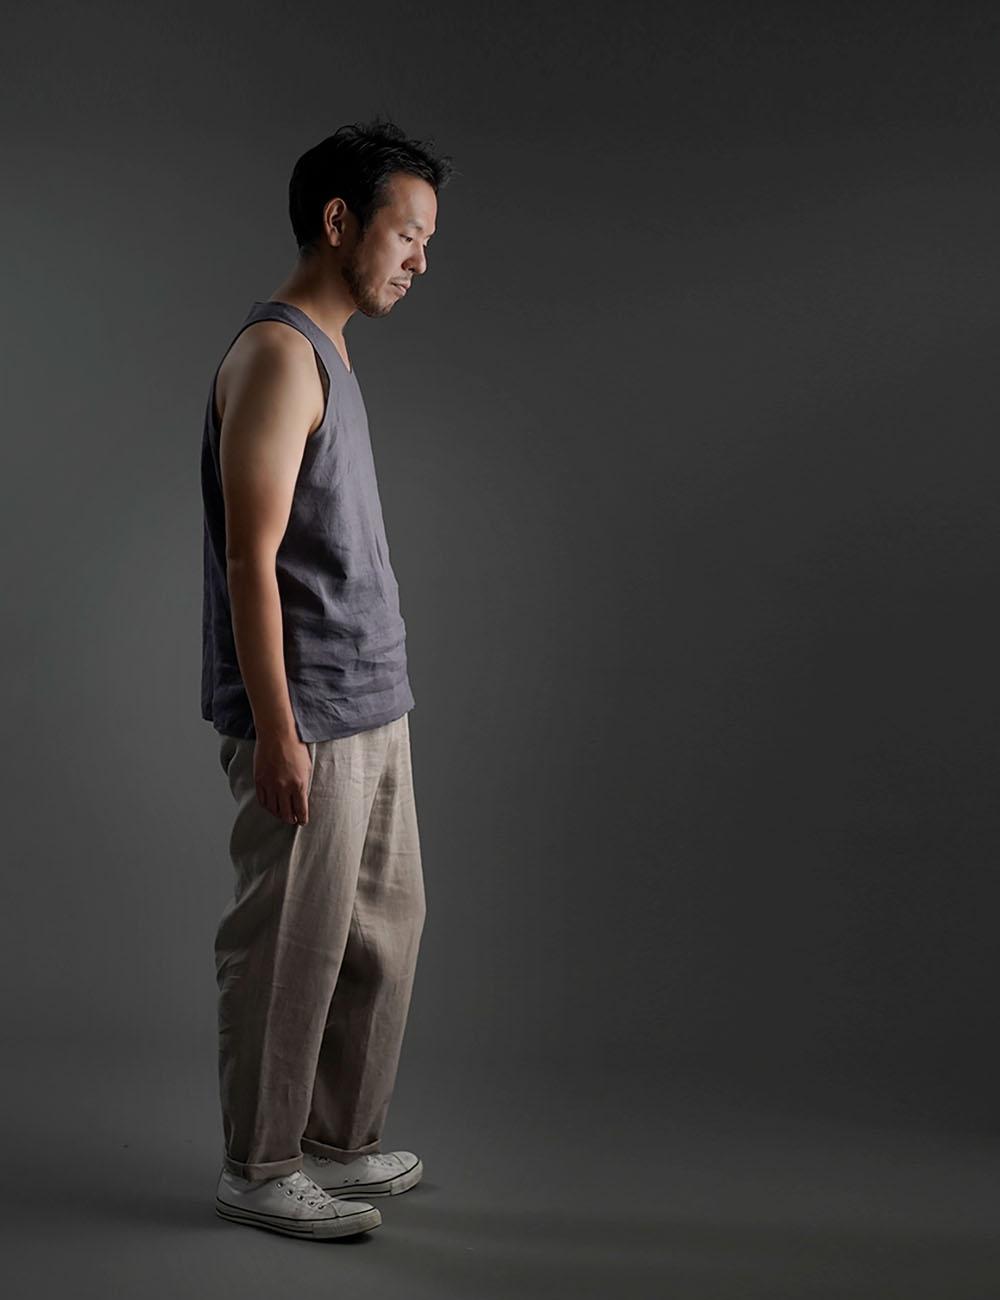 【wafu】Linen Tank Top Vネック ノースリーブ インナーとしても / 墨色(すみいろ) p004g-smi1